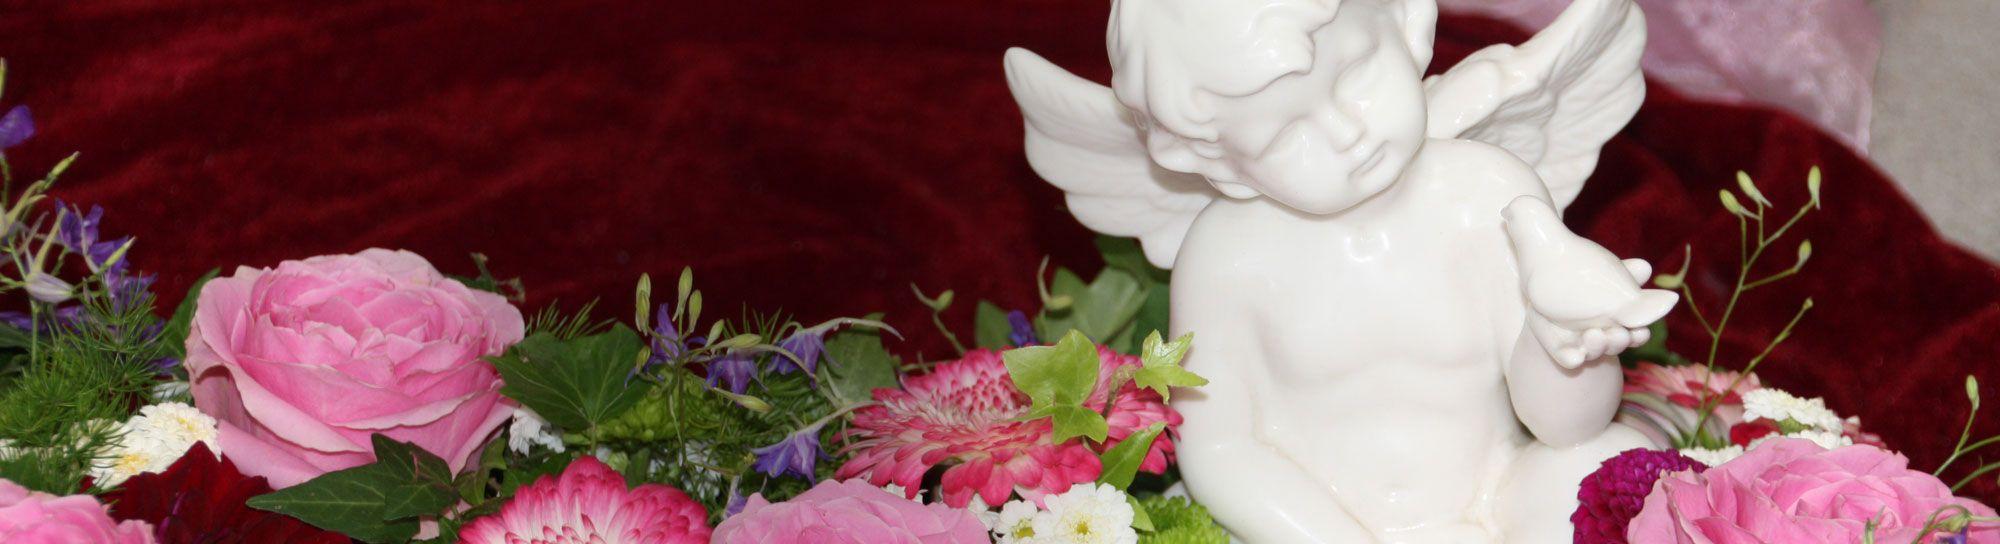 Blumenzauber Renate Prinz